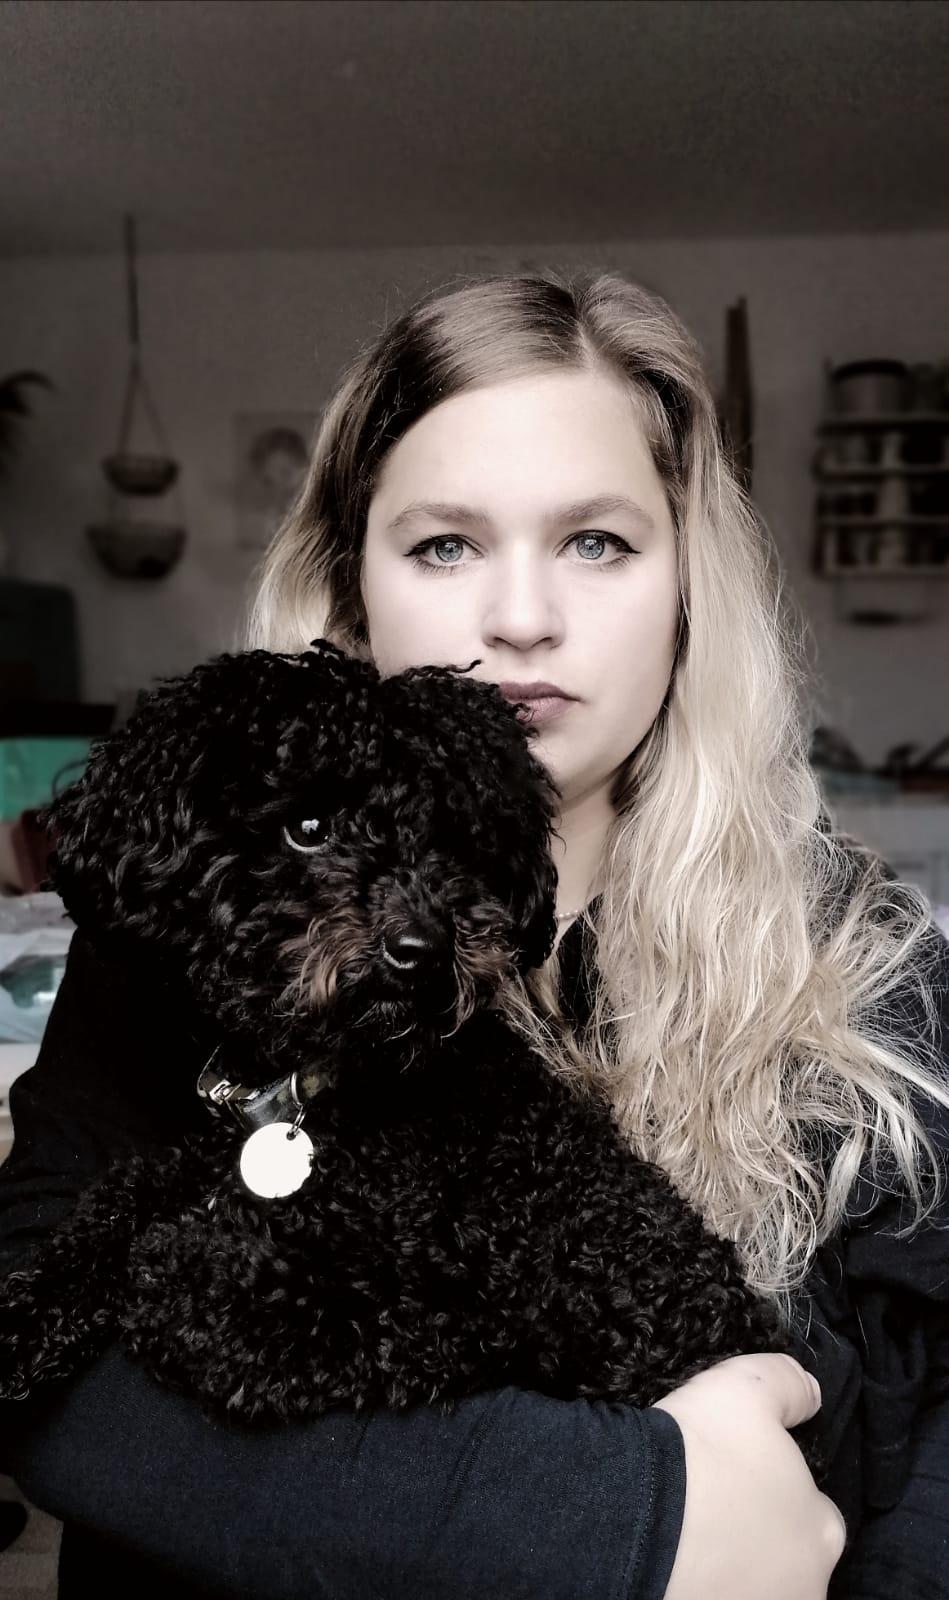 Janina Dotzauer